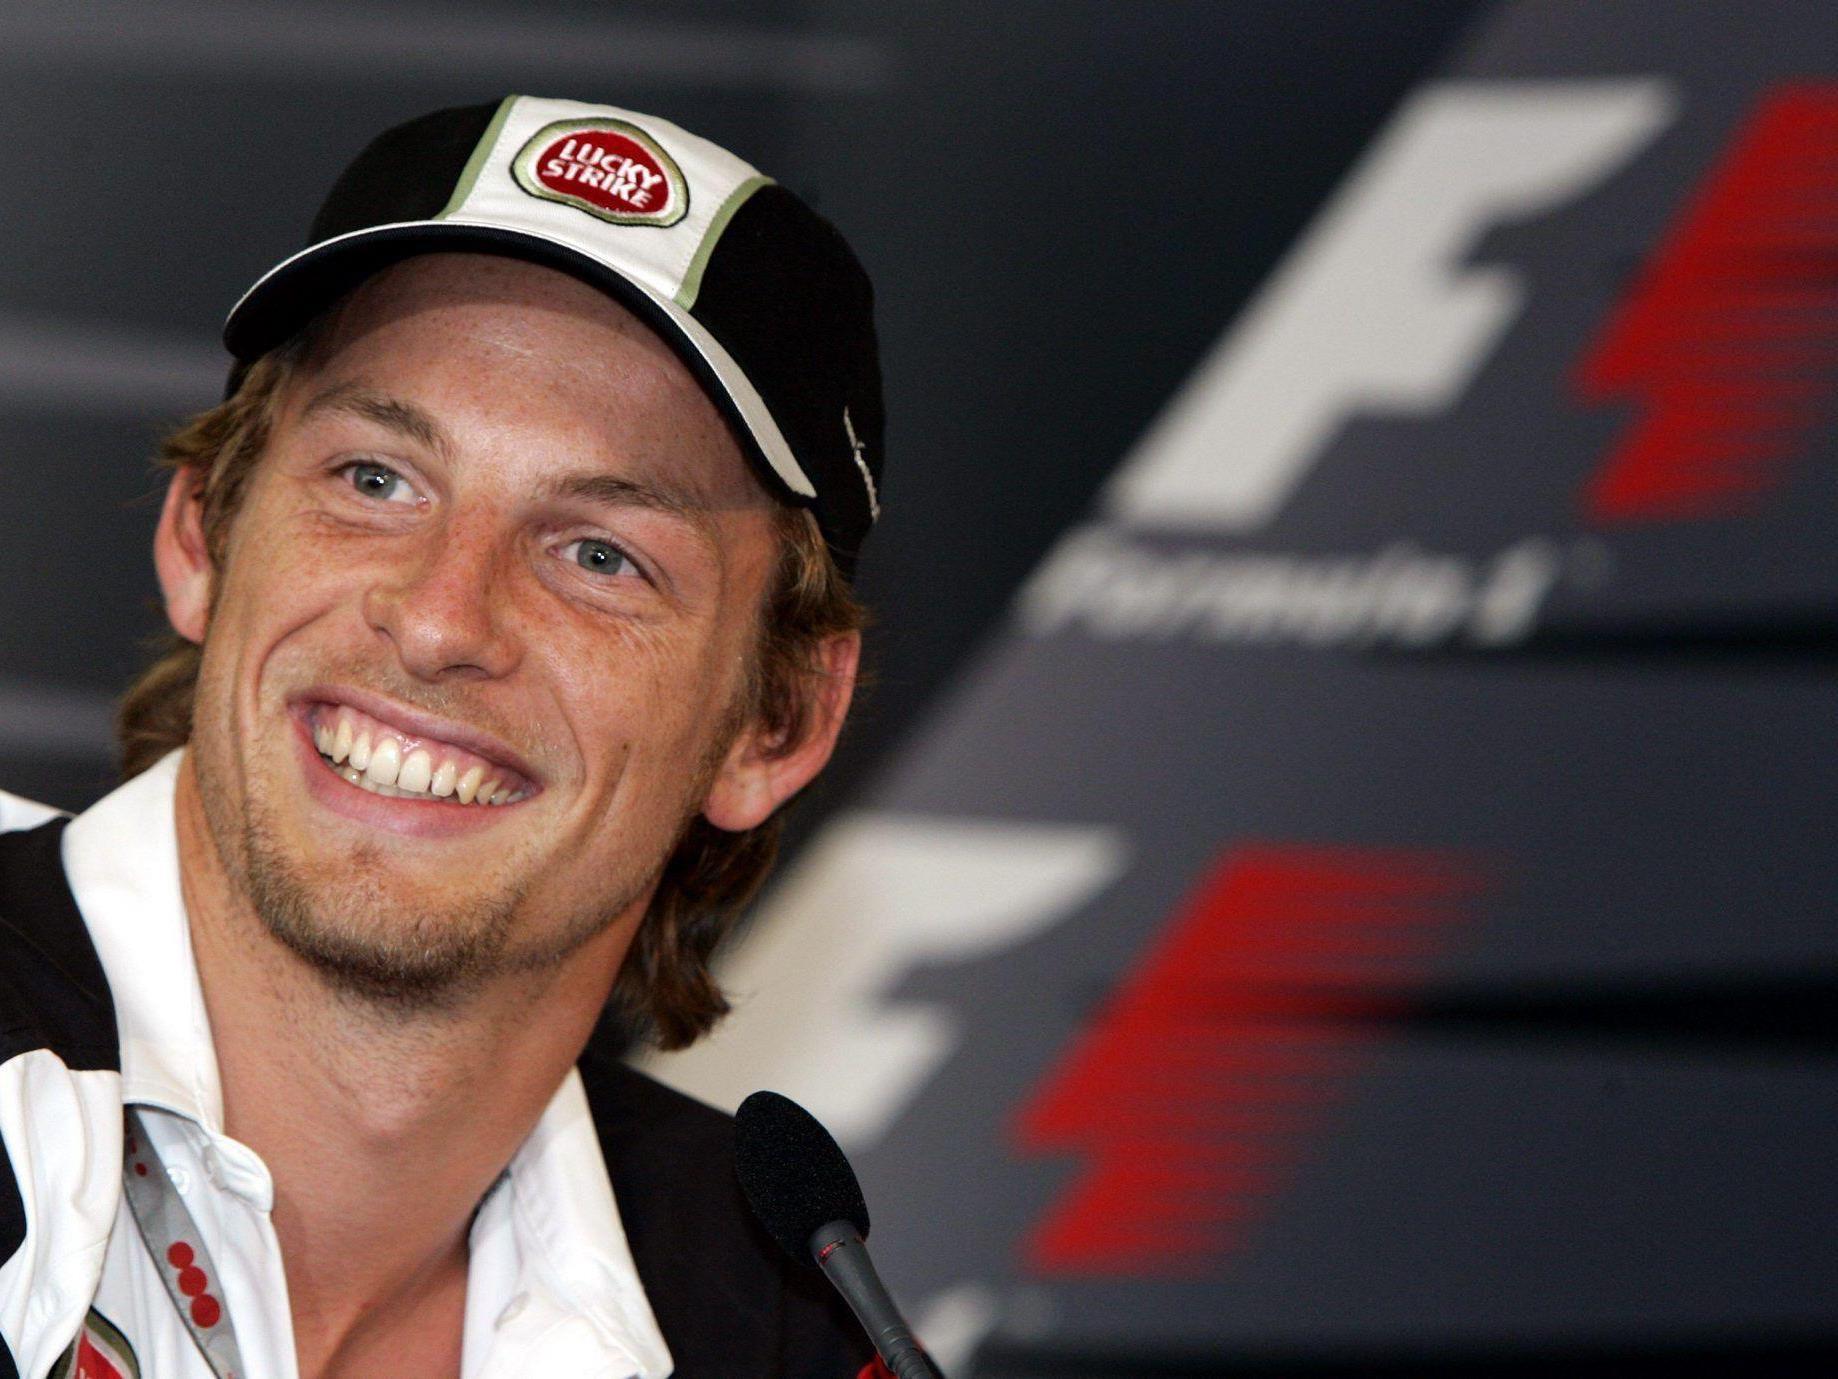 Formel-1-Pilot Jensen Butto bleibt auch 2014 bei McLaren.